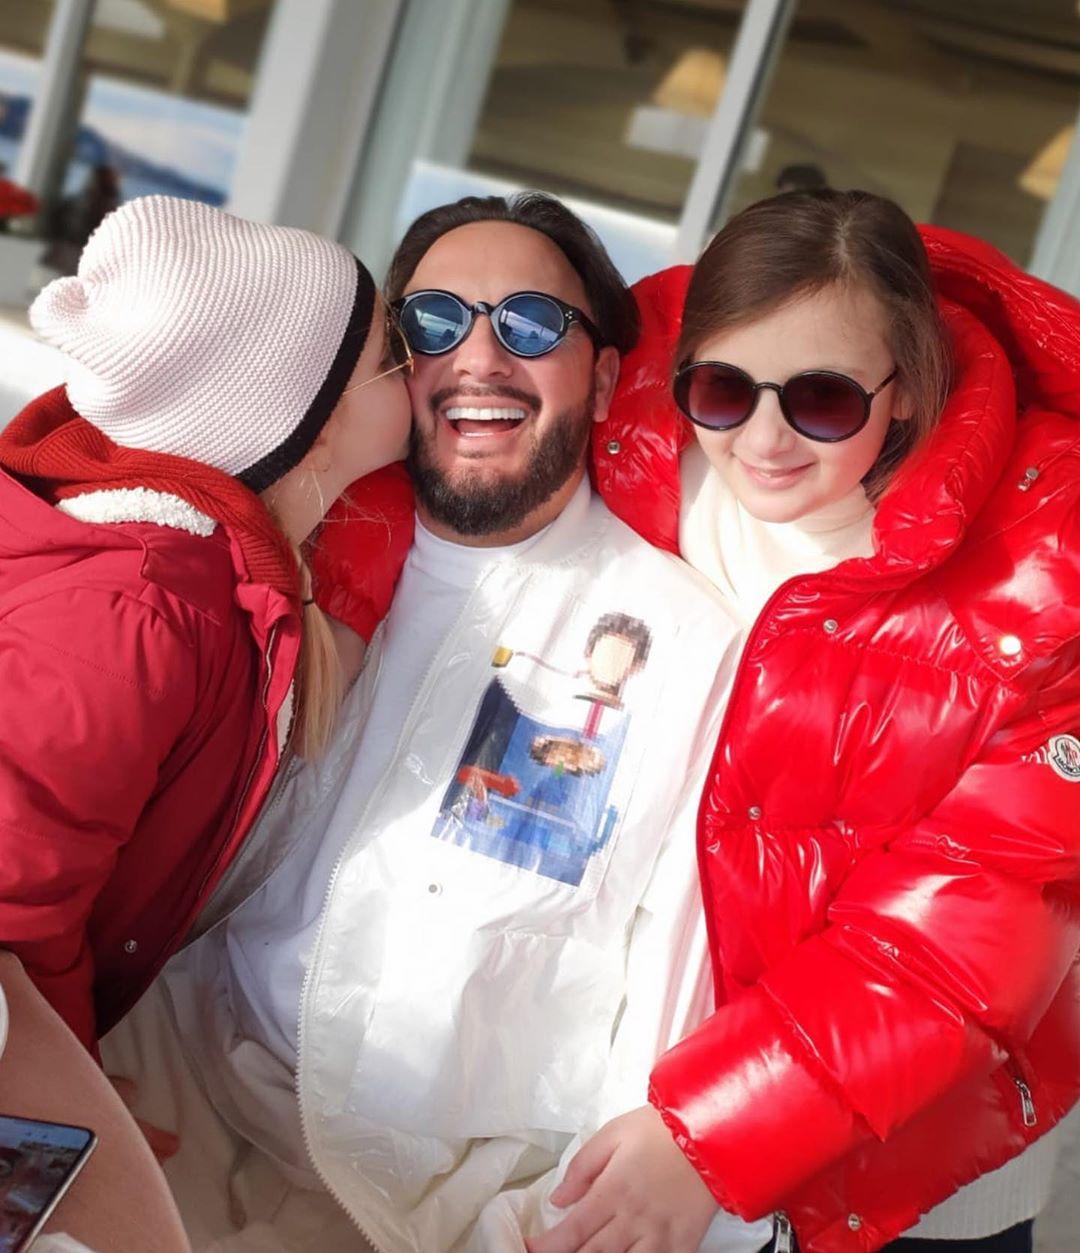 А это тоже недавнее фото Стас Михайлова, но уже с двумя дочками — Иванной и Марией